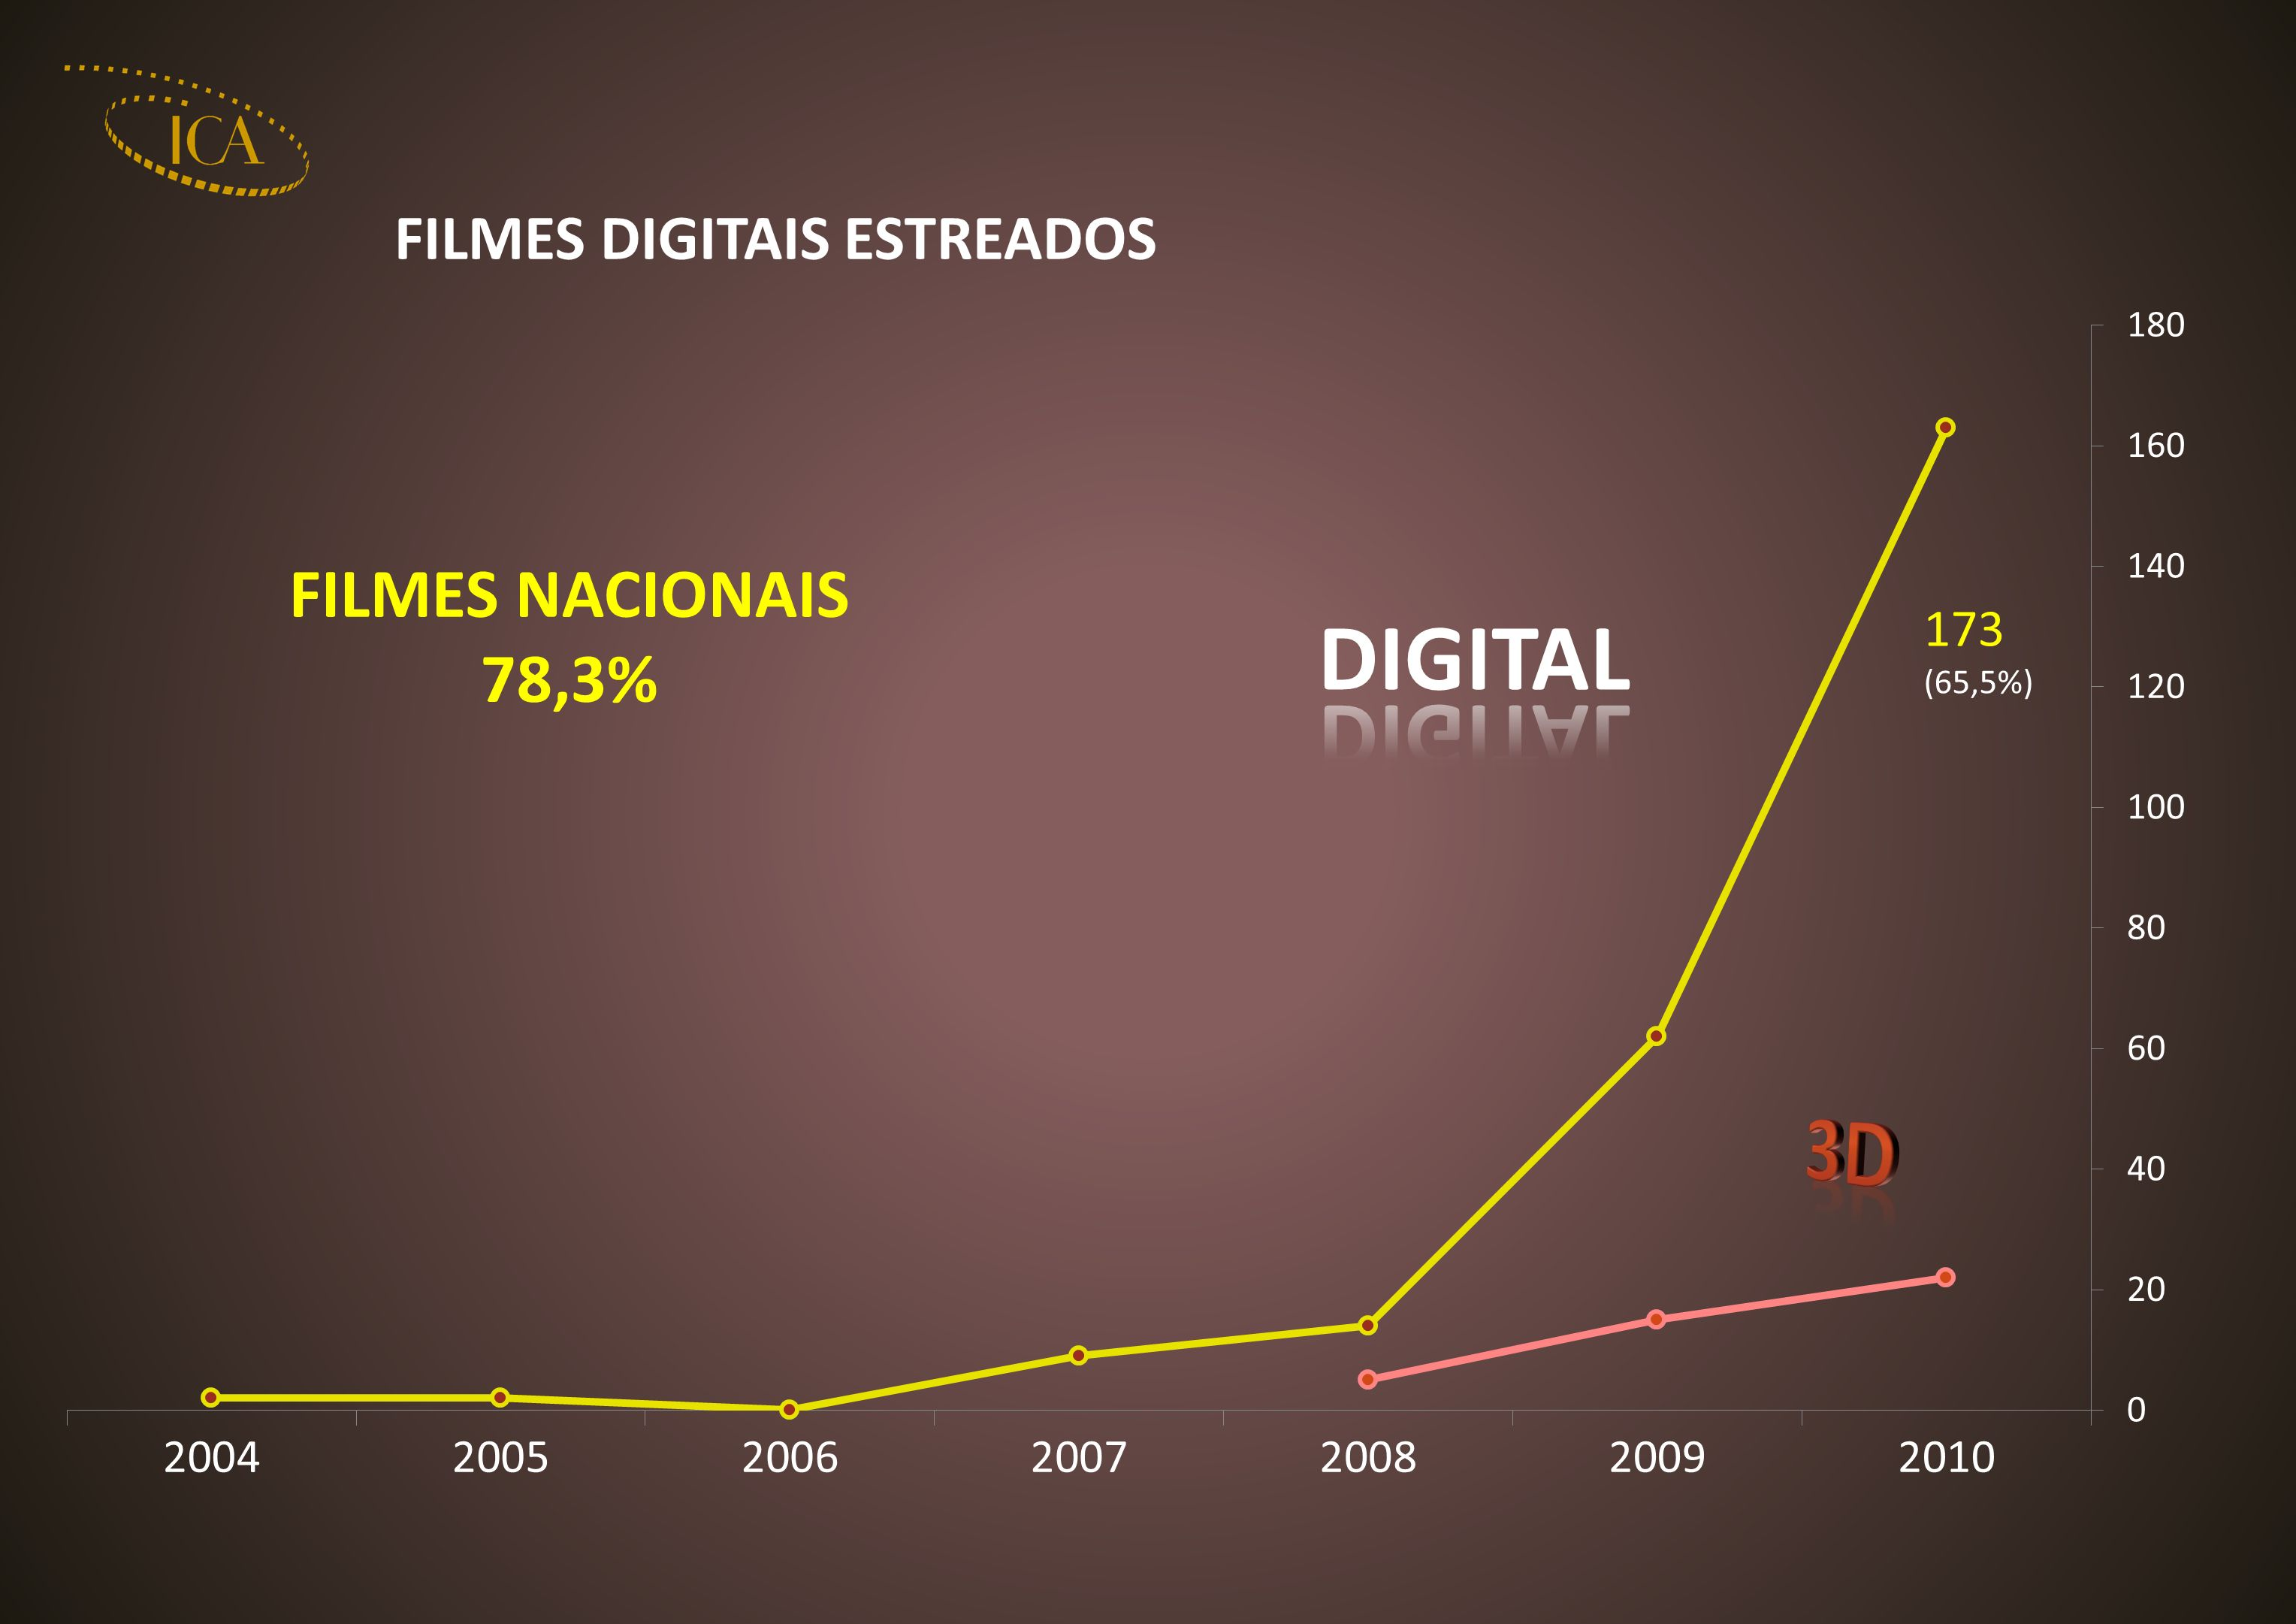 FILMES NACIONAIS 78,3%